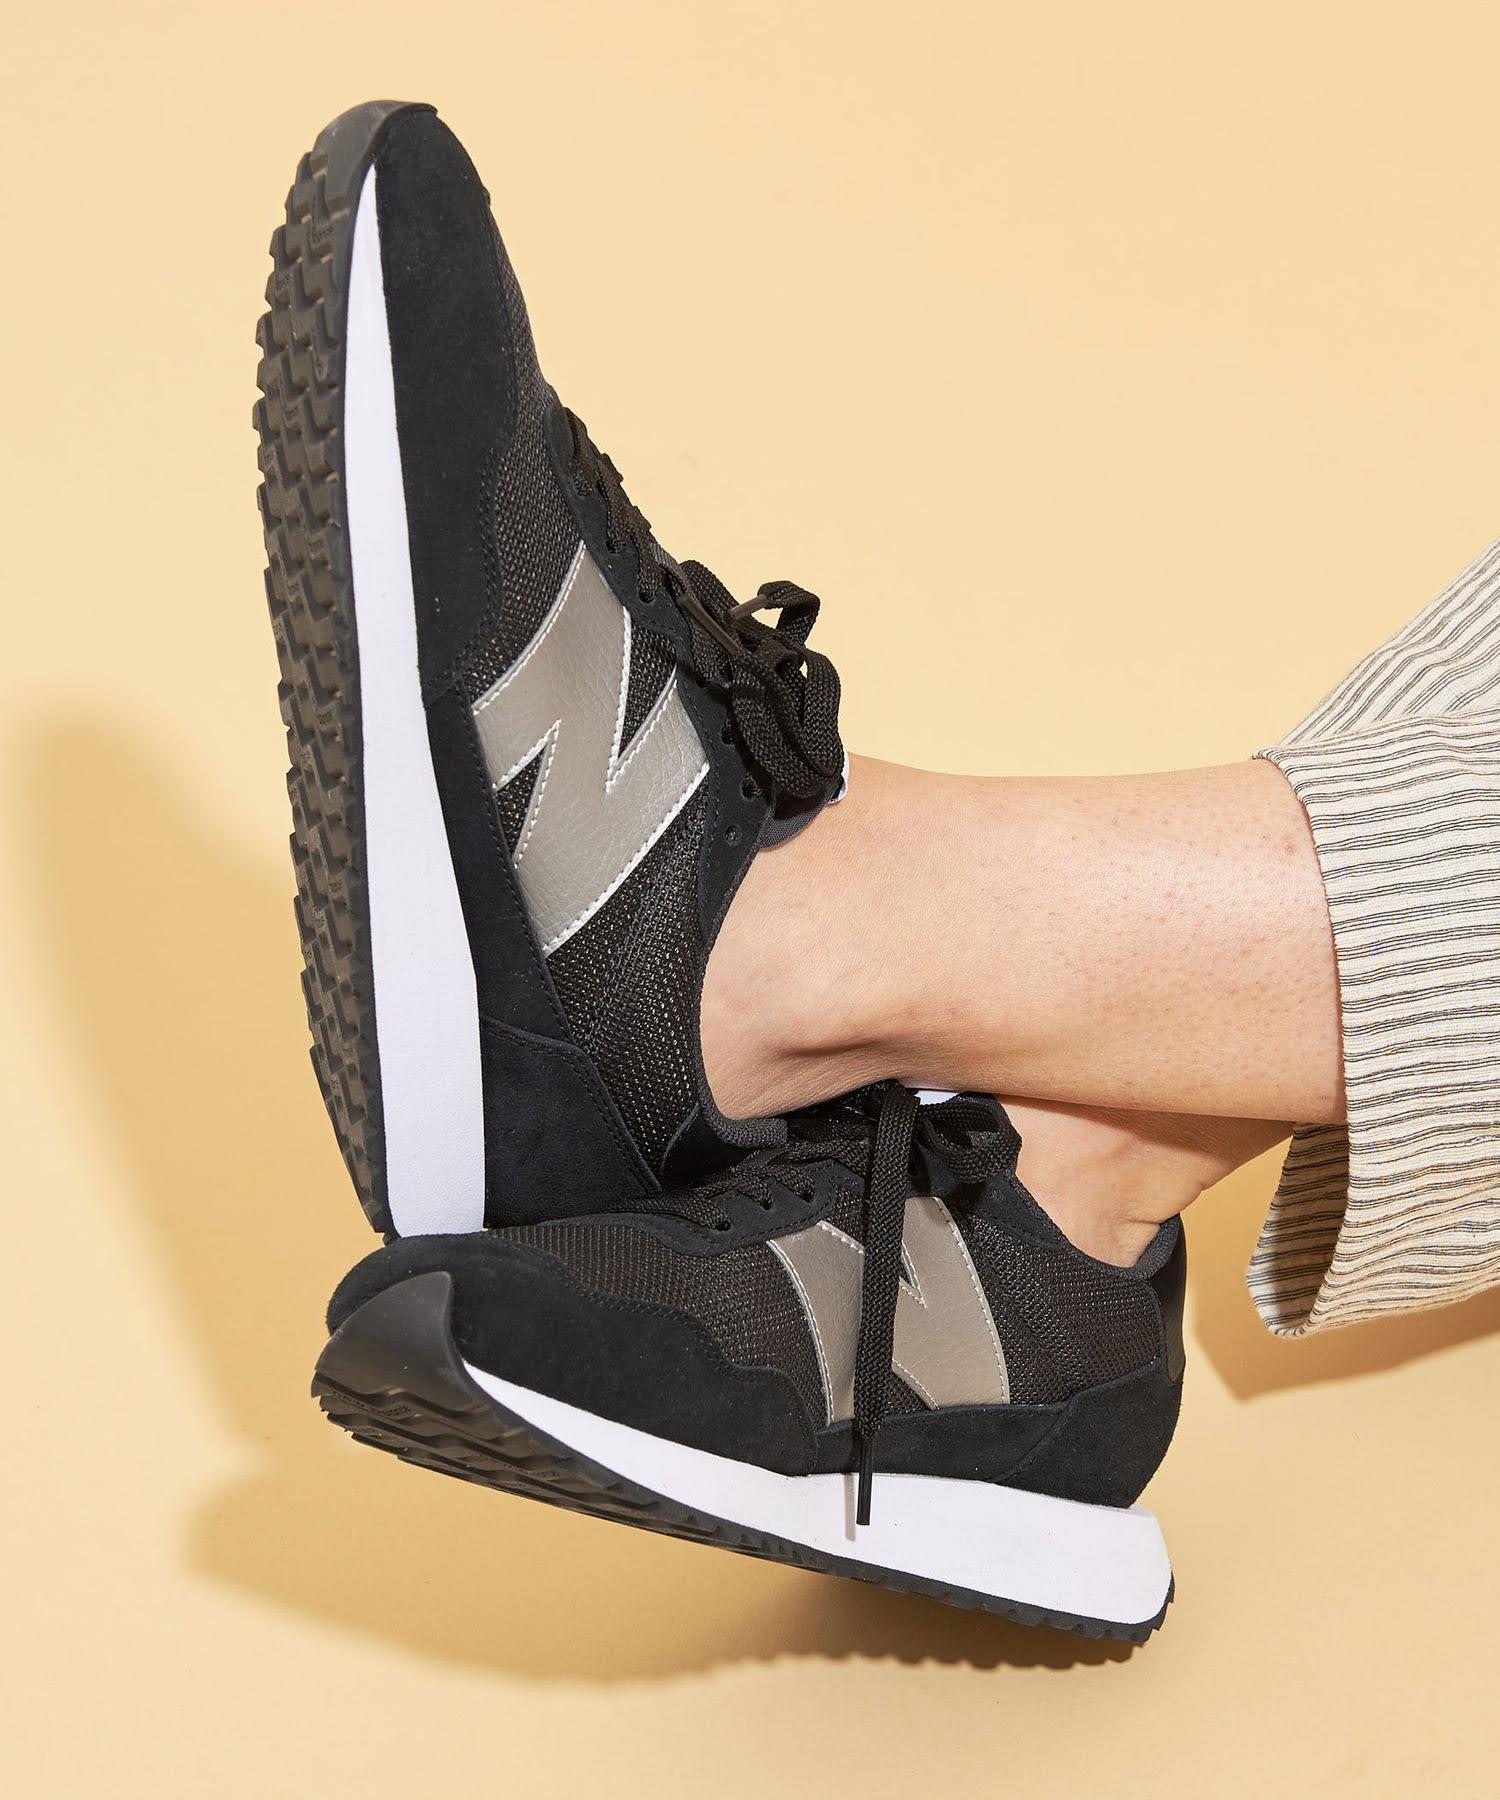 ニューバランス WS237/ ブラック New-Balance-WS237-Black-on-feet-2